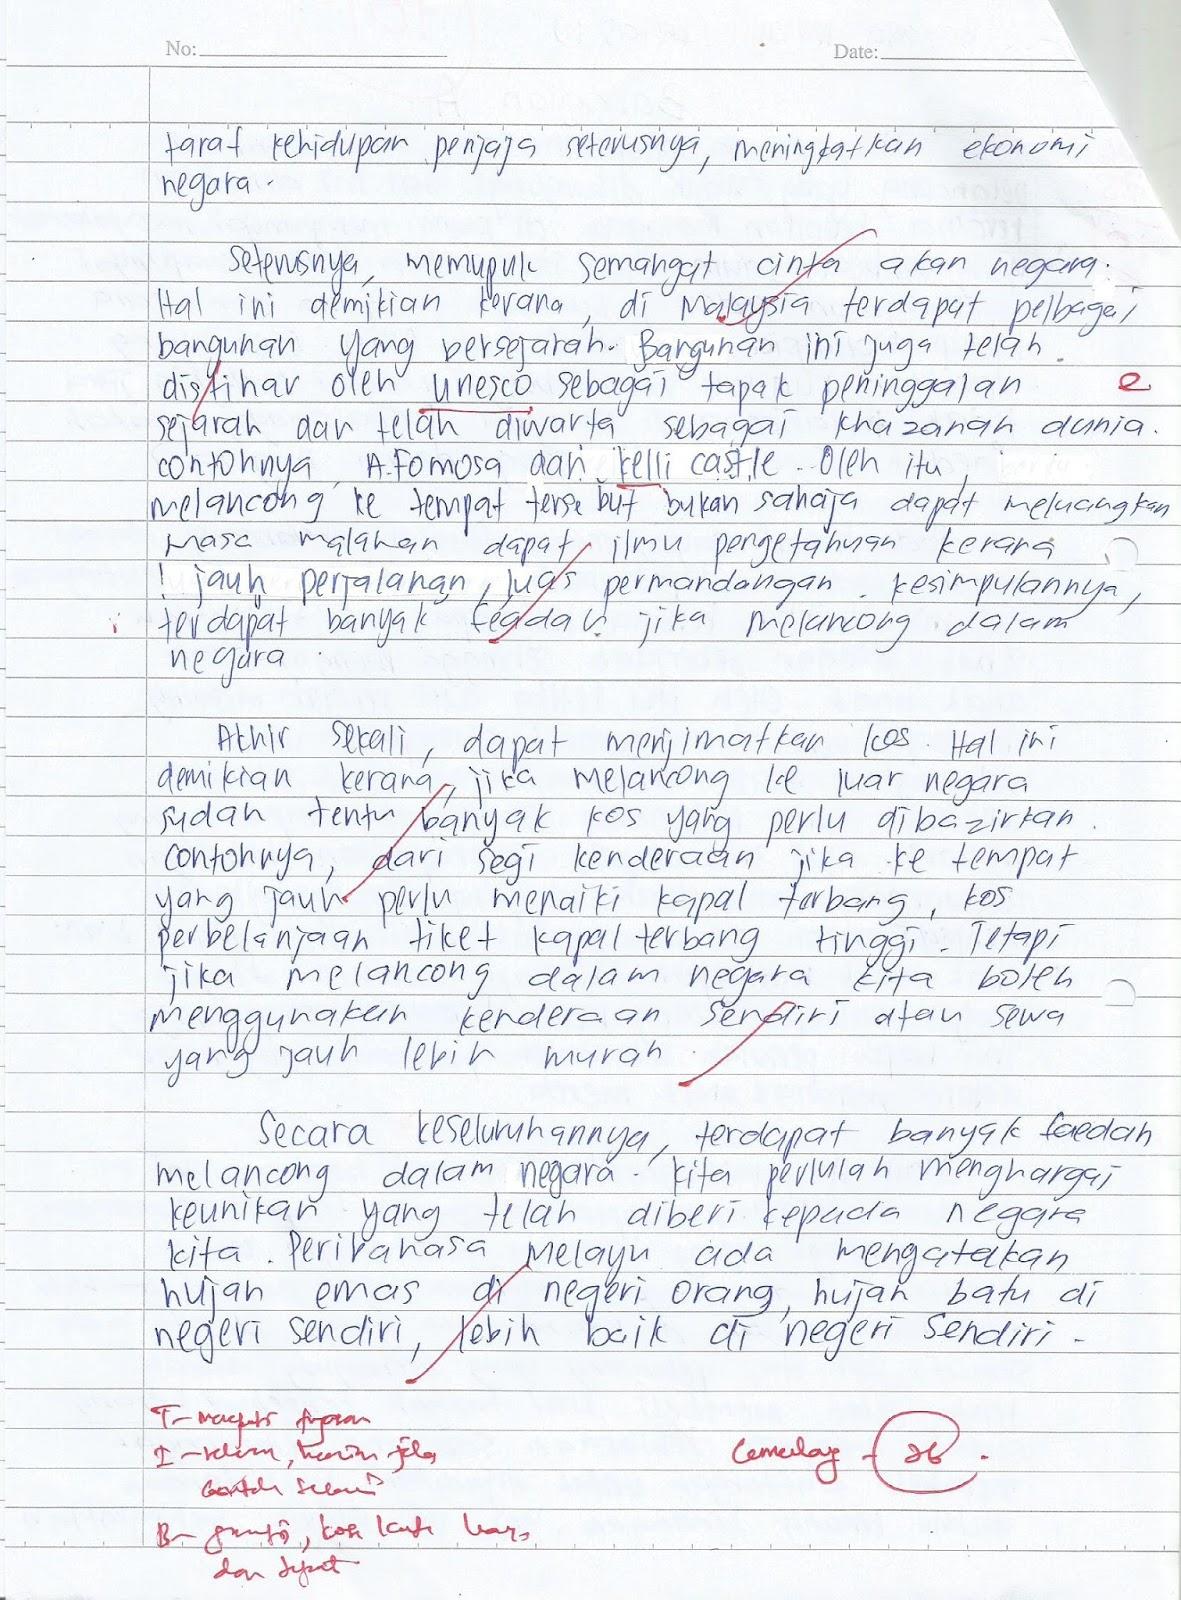 Laman Bahasa Melayu Spm Karangan Pelajar 5 Sains Kekuatan Dan Kelemahan Semasa Menjawab Soalan Kertas 1 Ppt 2017 Dan Ulasan